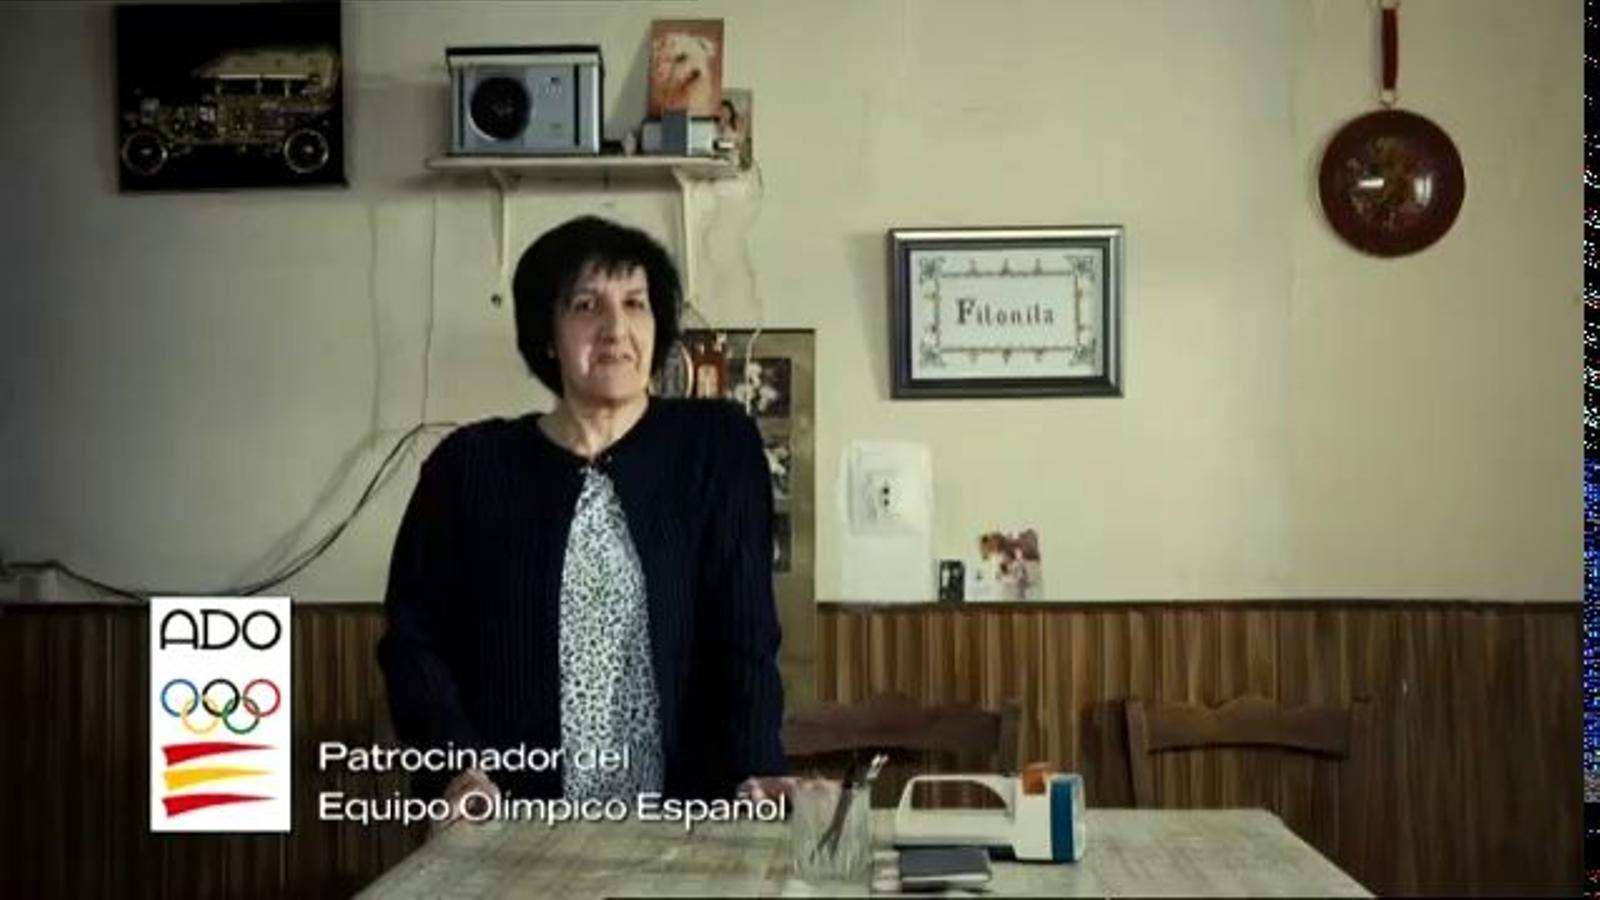 El poble dels noms estranys, Huerta del Rey, en l'anunci d'Aquarius